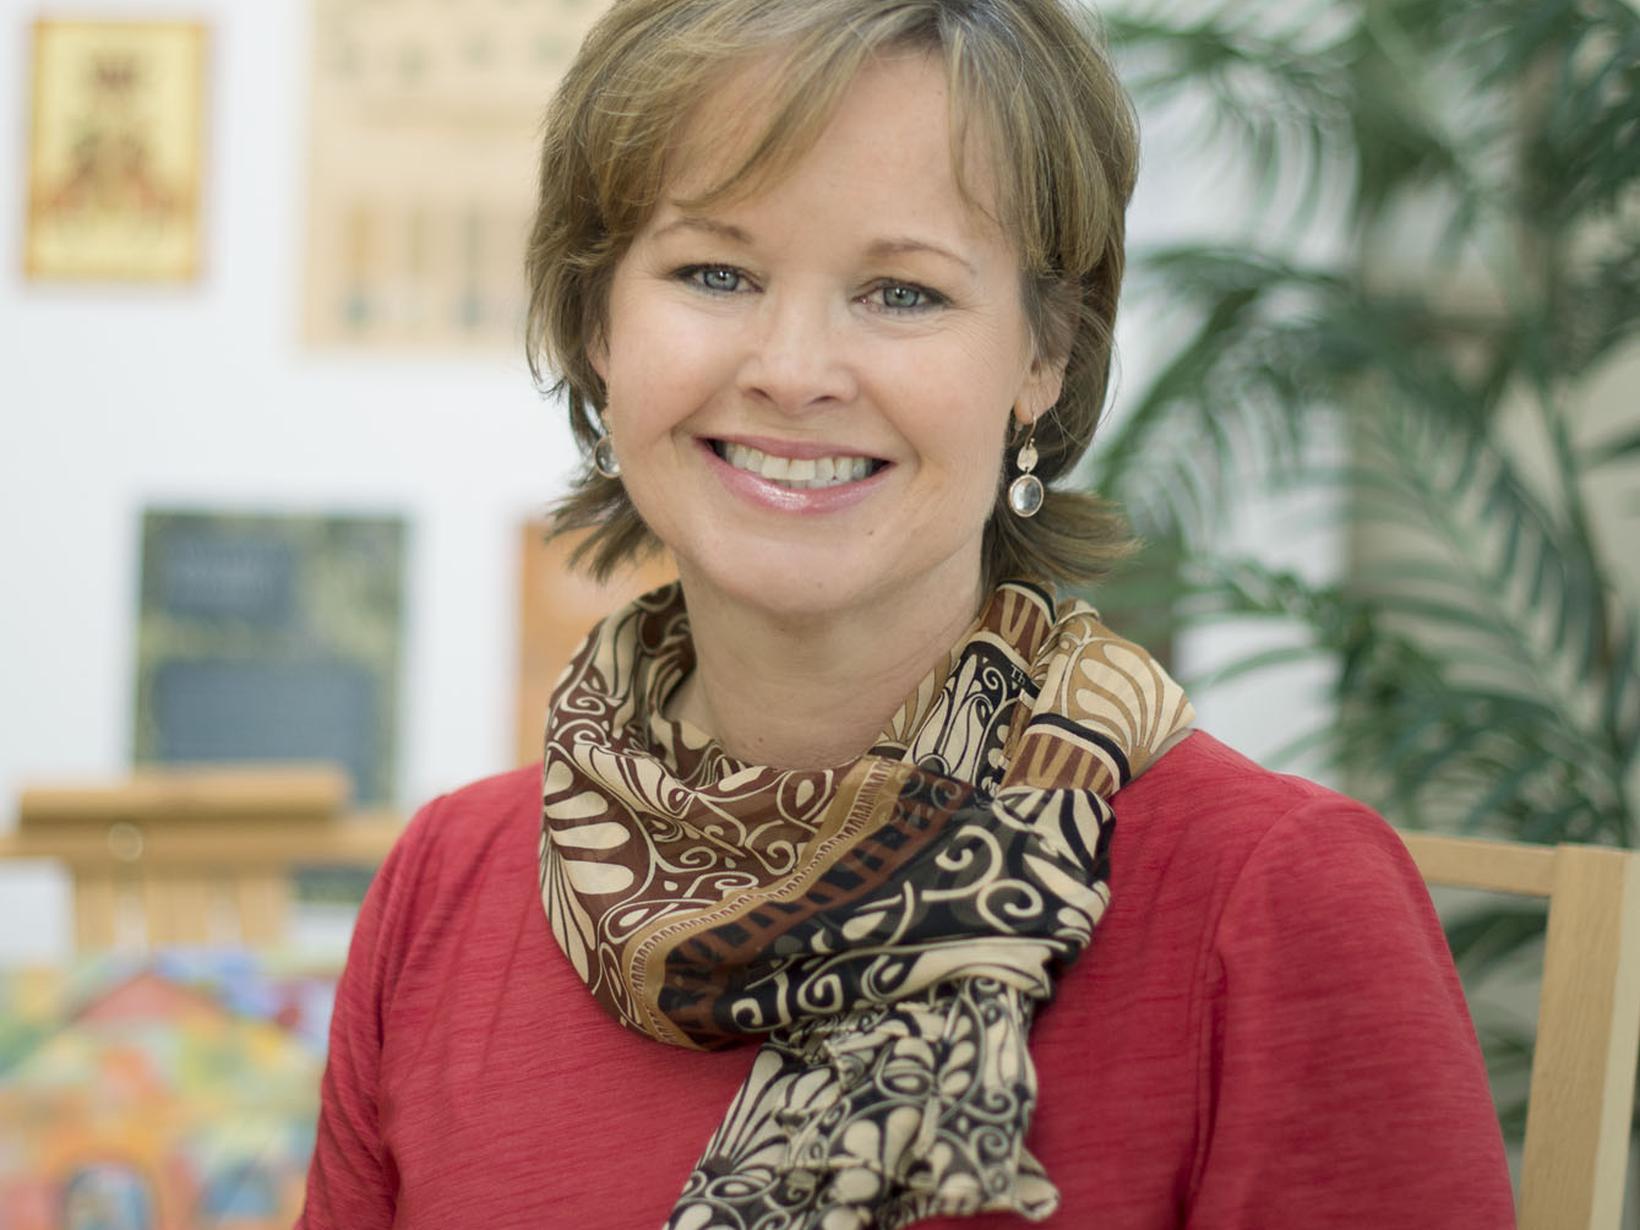 Gail from Sheffield, United Kingdom